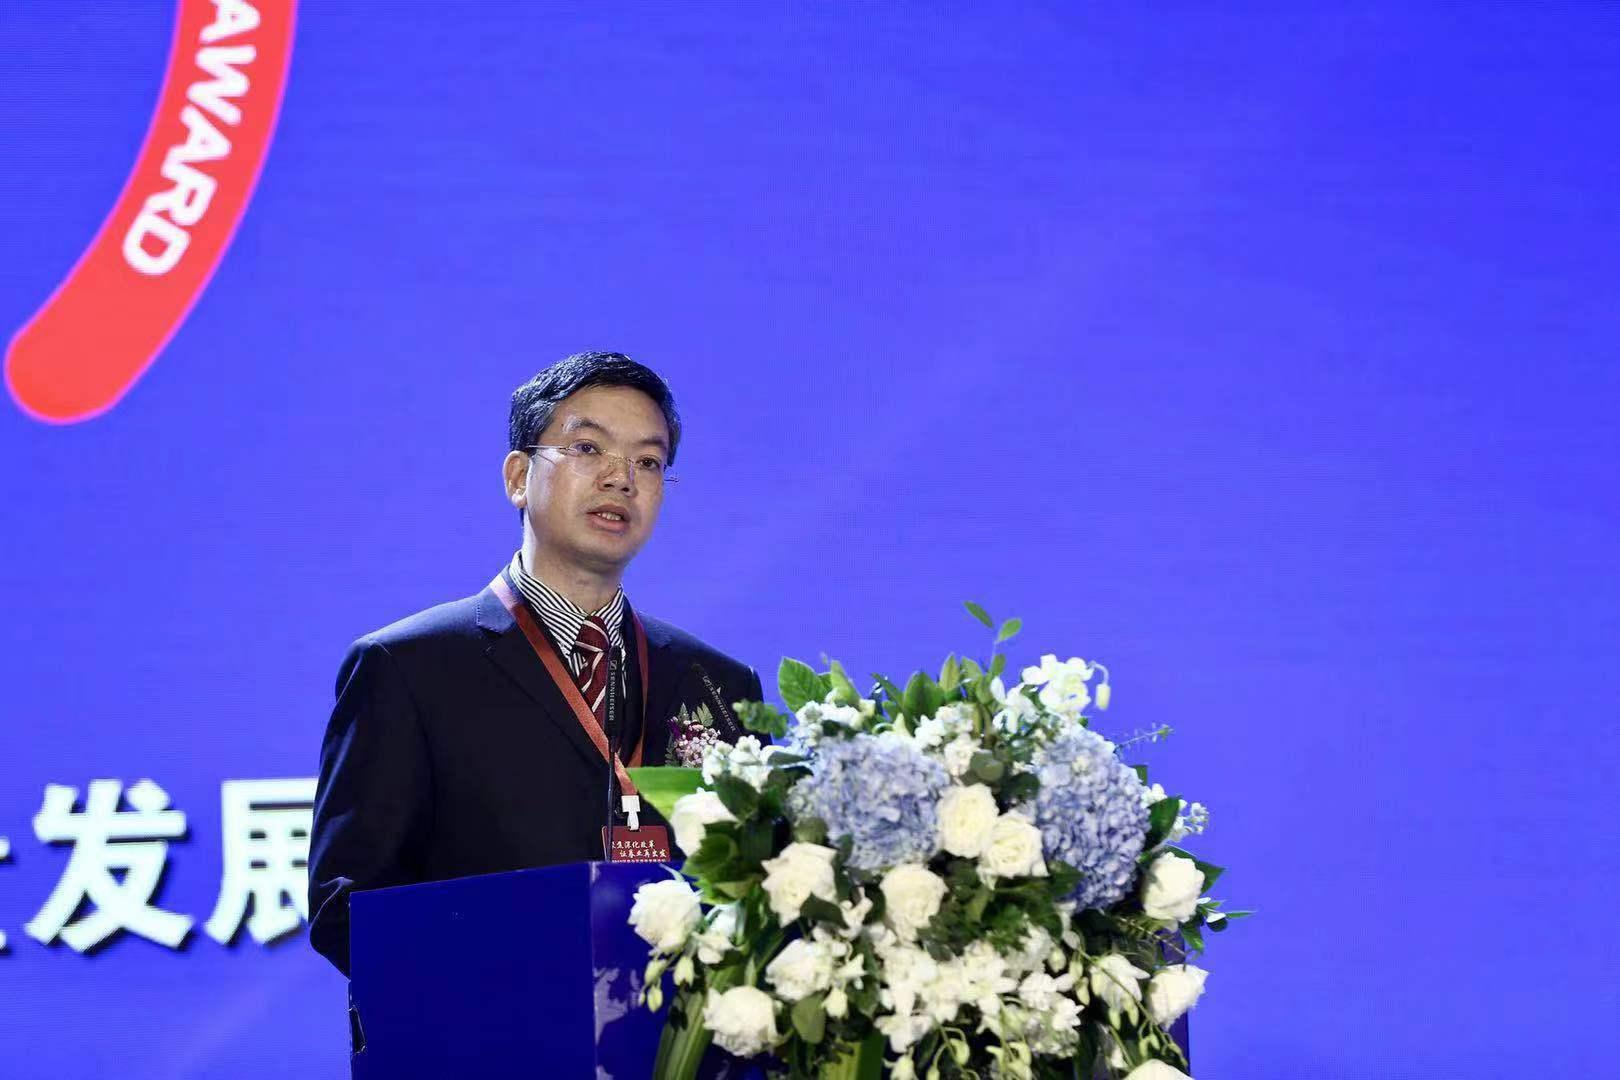 中國證券業協會黨委書記、執行副會長安青松.jpg